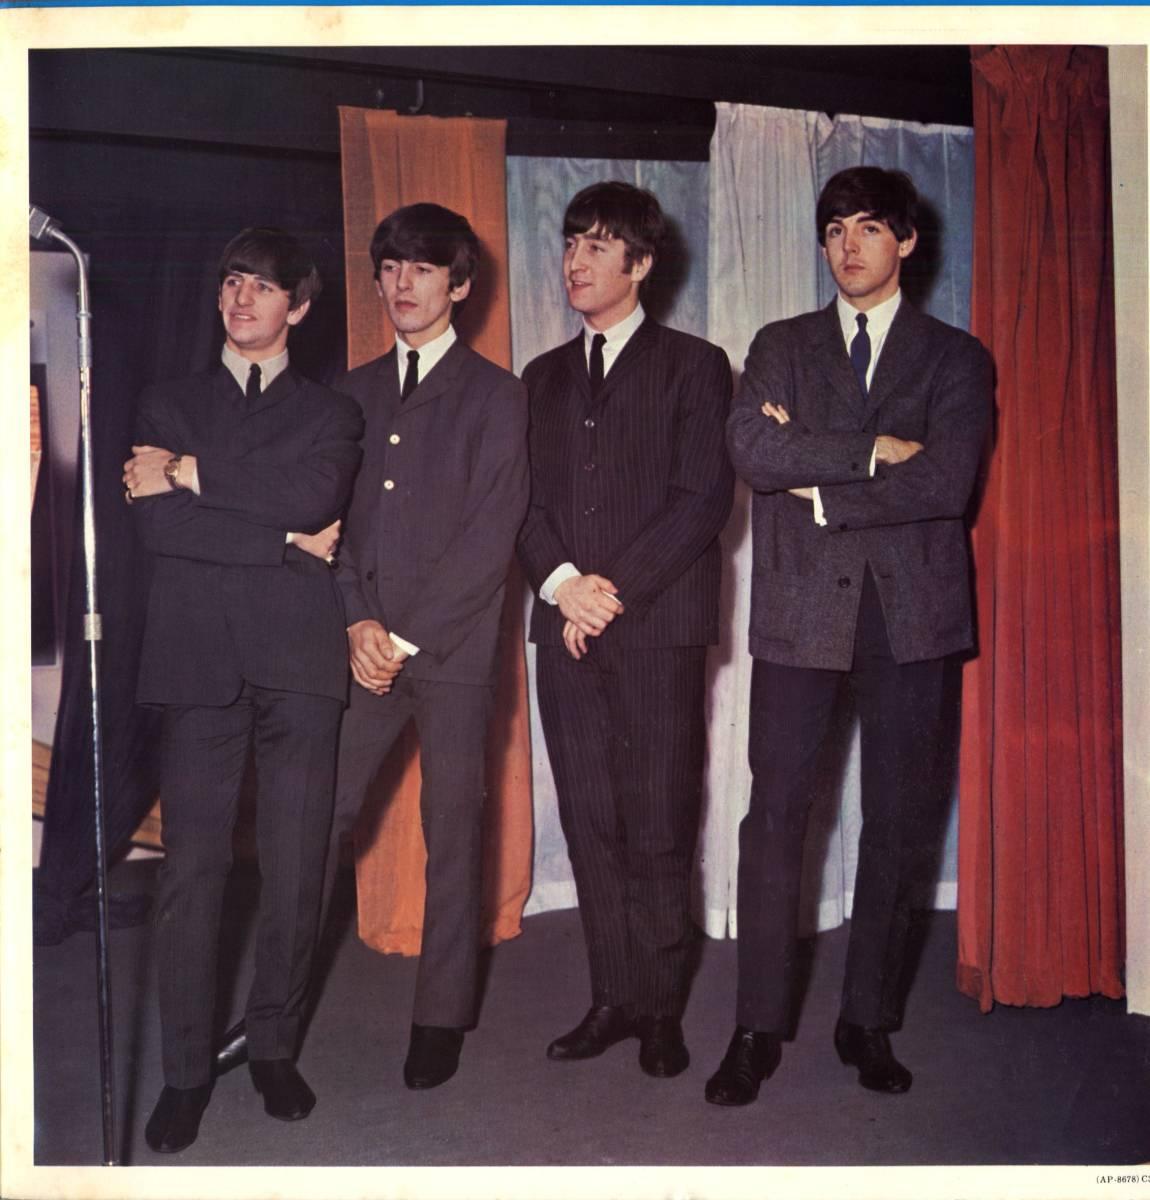 Beatles 「With The Beatles」国内盤アップルレーベル ダブルジャケット盤LPレコード  (AP-8678)_画像5